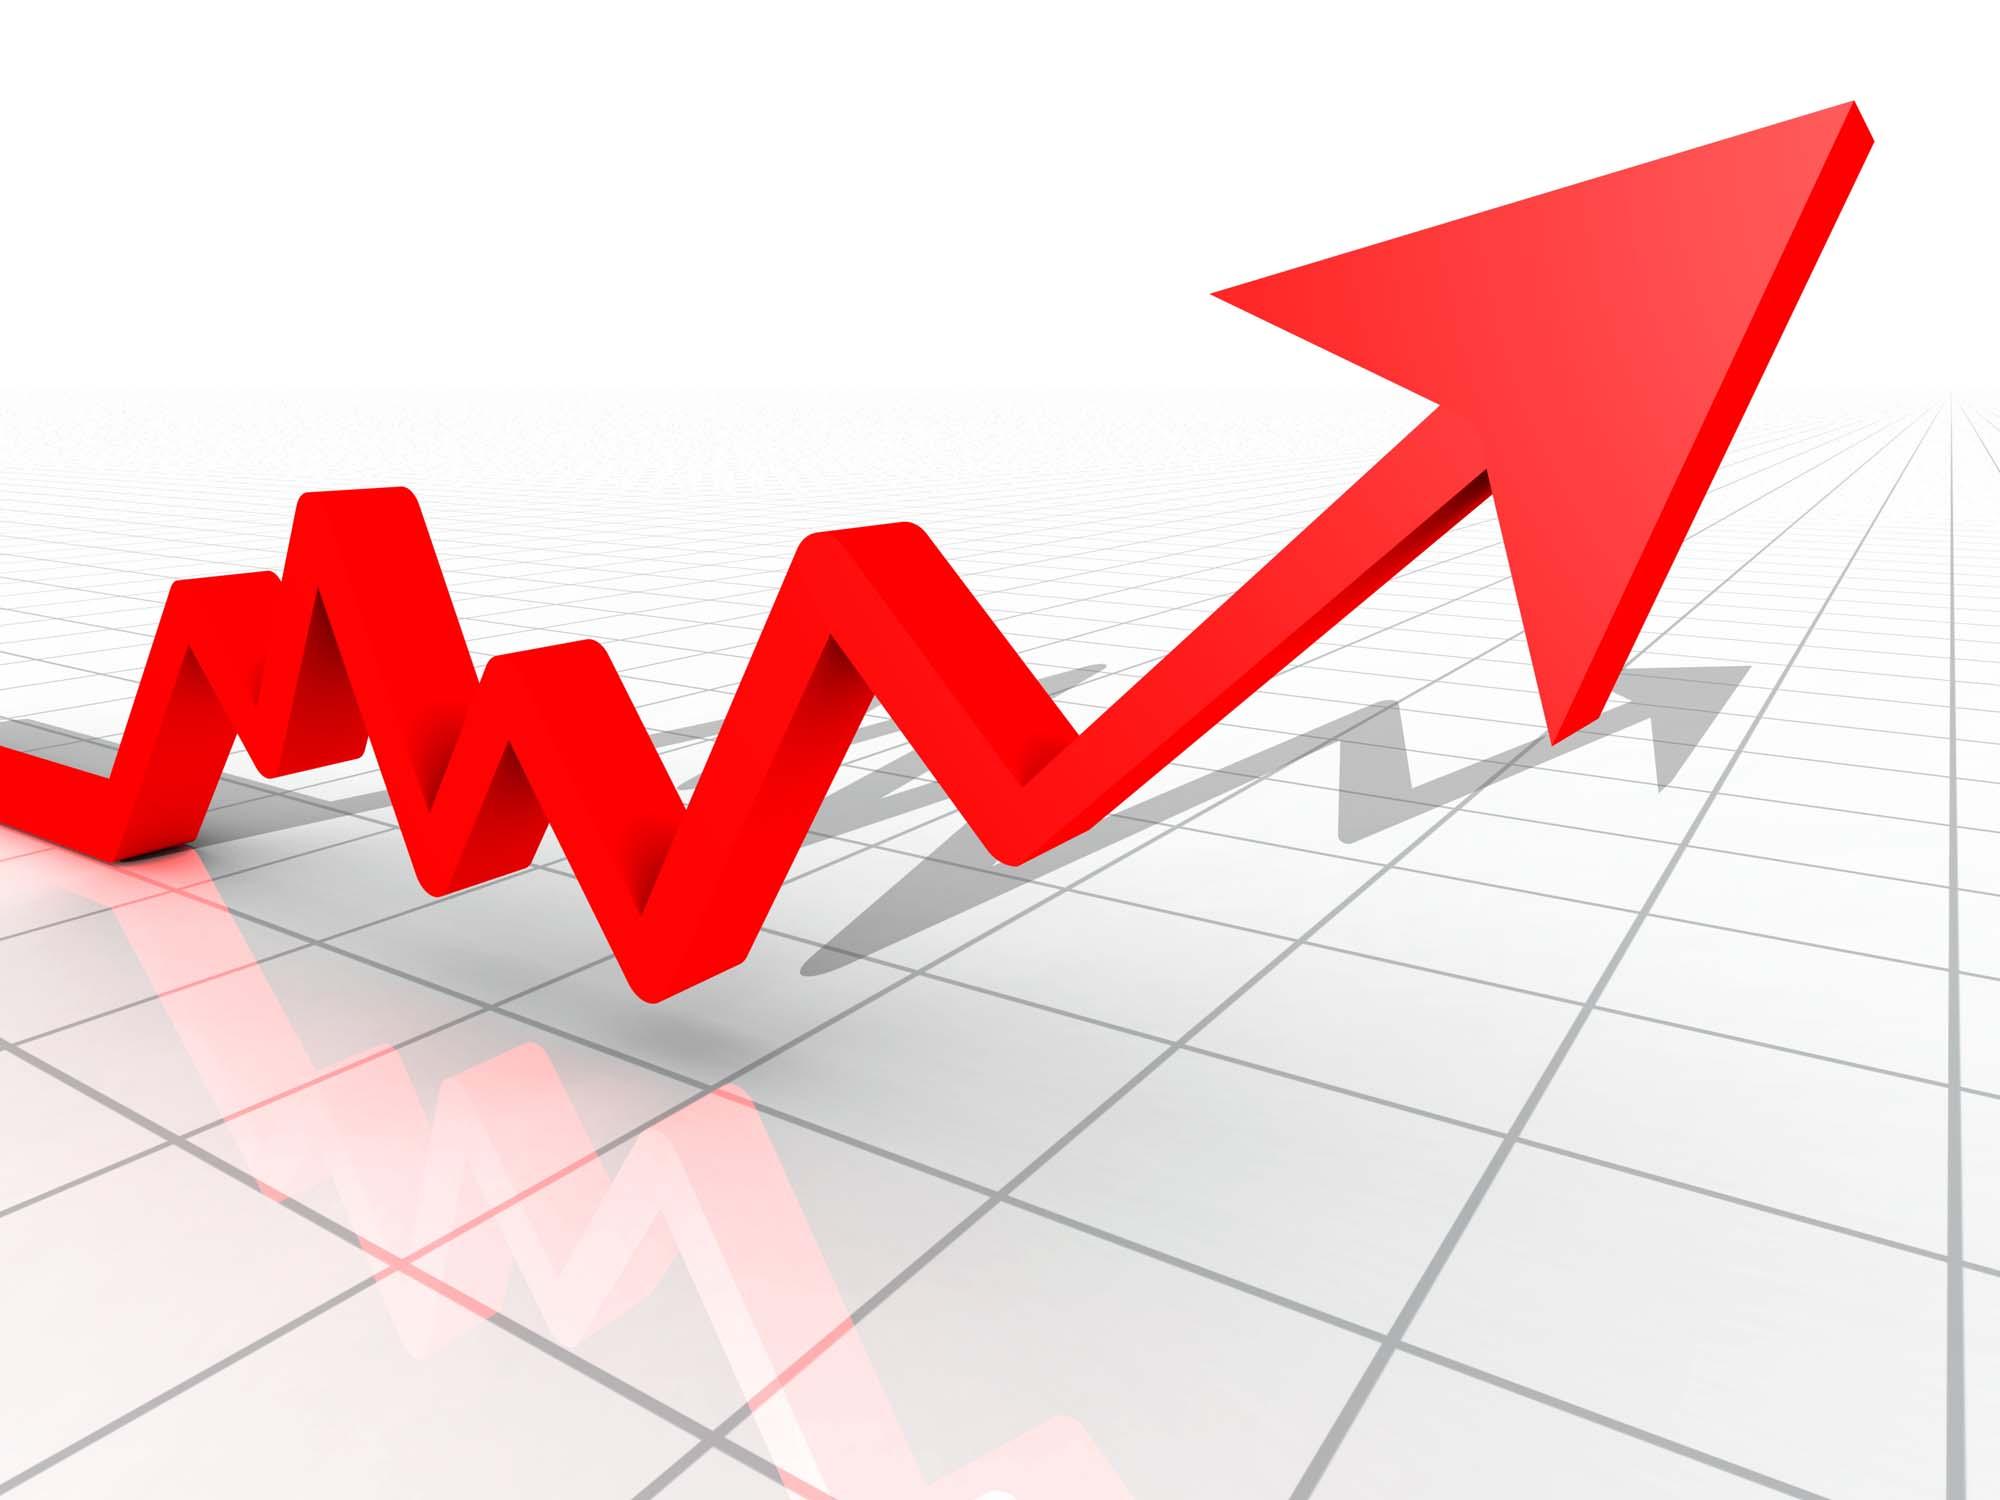 business hw 8 121 activity time es ef ls lf slack 2 808191 – 1 00 001 001 3 1 – 1 5 4 6 9096 – 1 1 51 491 5 6 81 – 2 2 – 6 4 8 12 16 20 8 3 – 5 5 10 15 10 15 0.